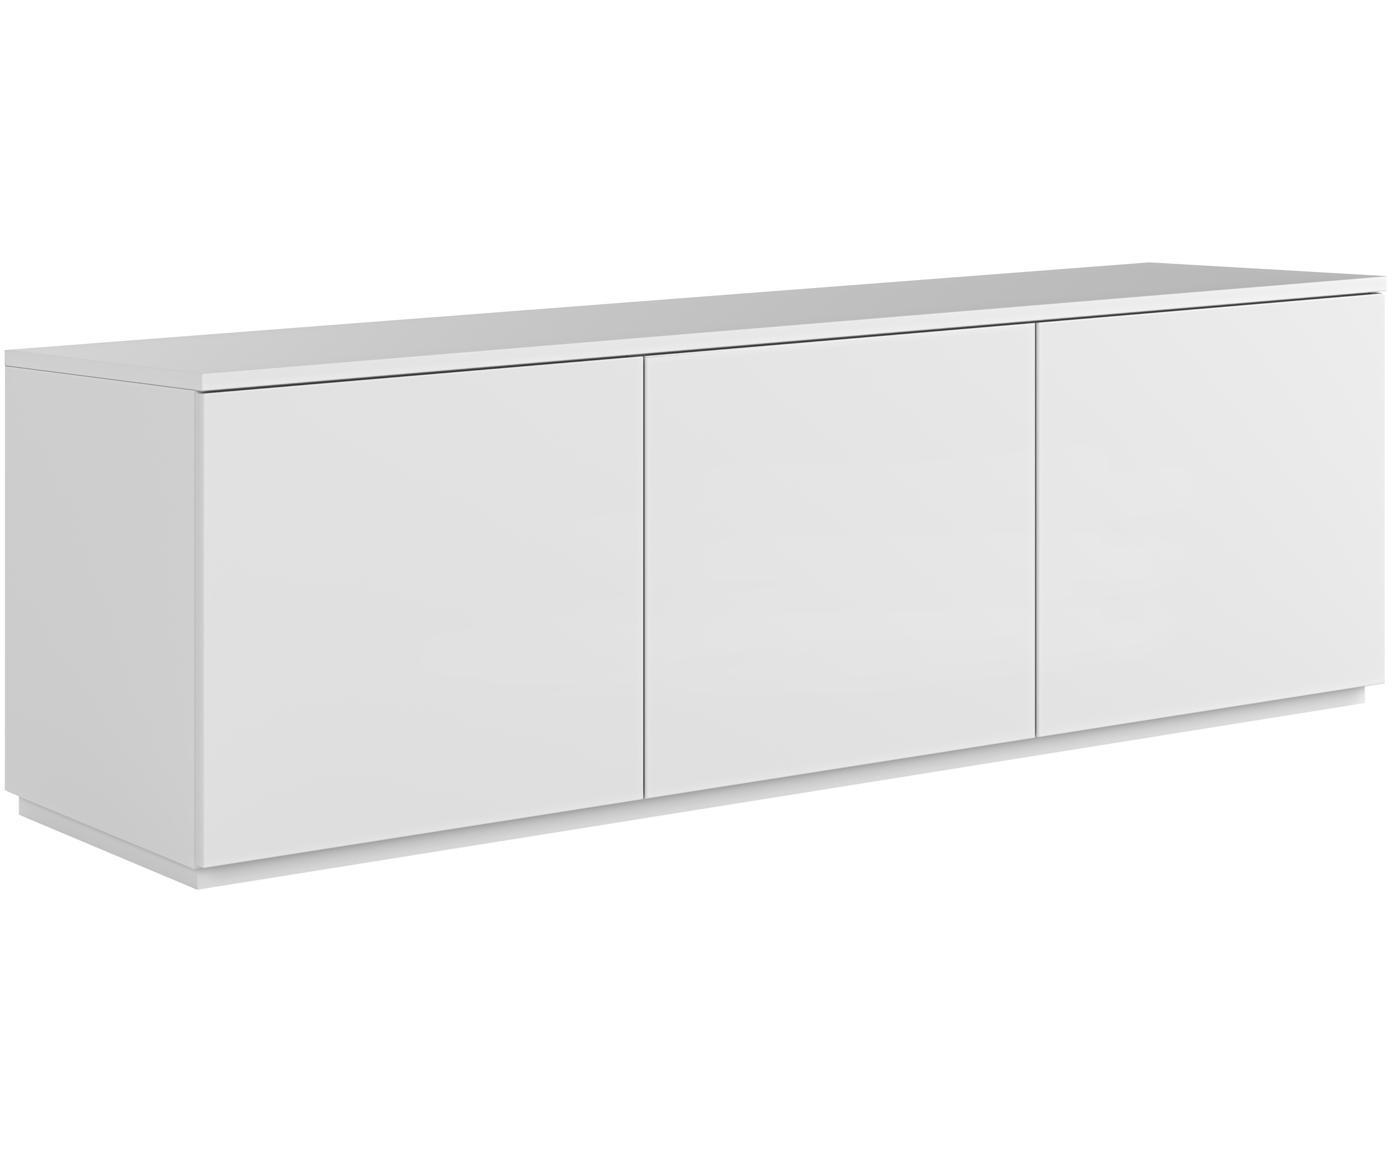 Credenza bassa bianca con ante Join, Pannello di fibra a media densità, verniciato, Bianco, Larg. 180 x Alt. 57 cm